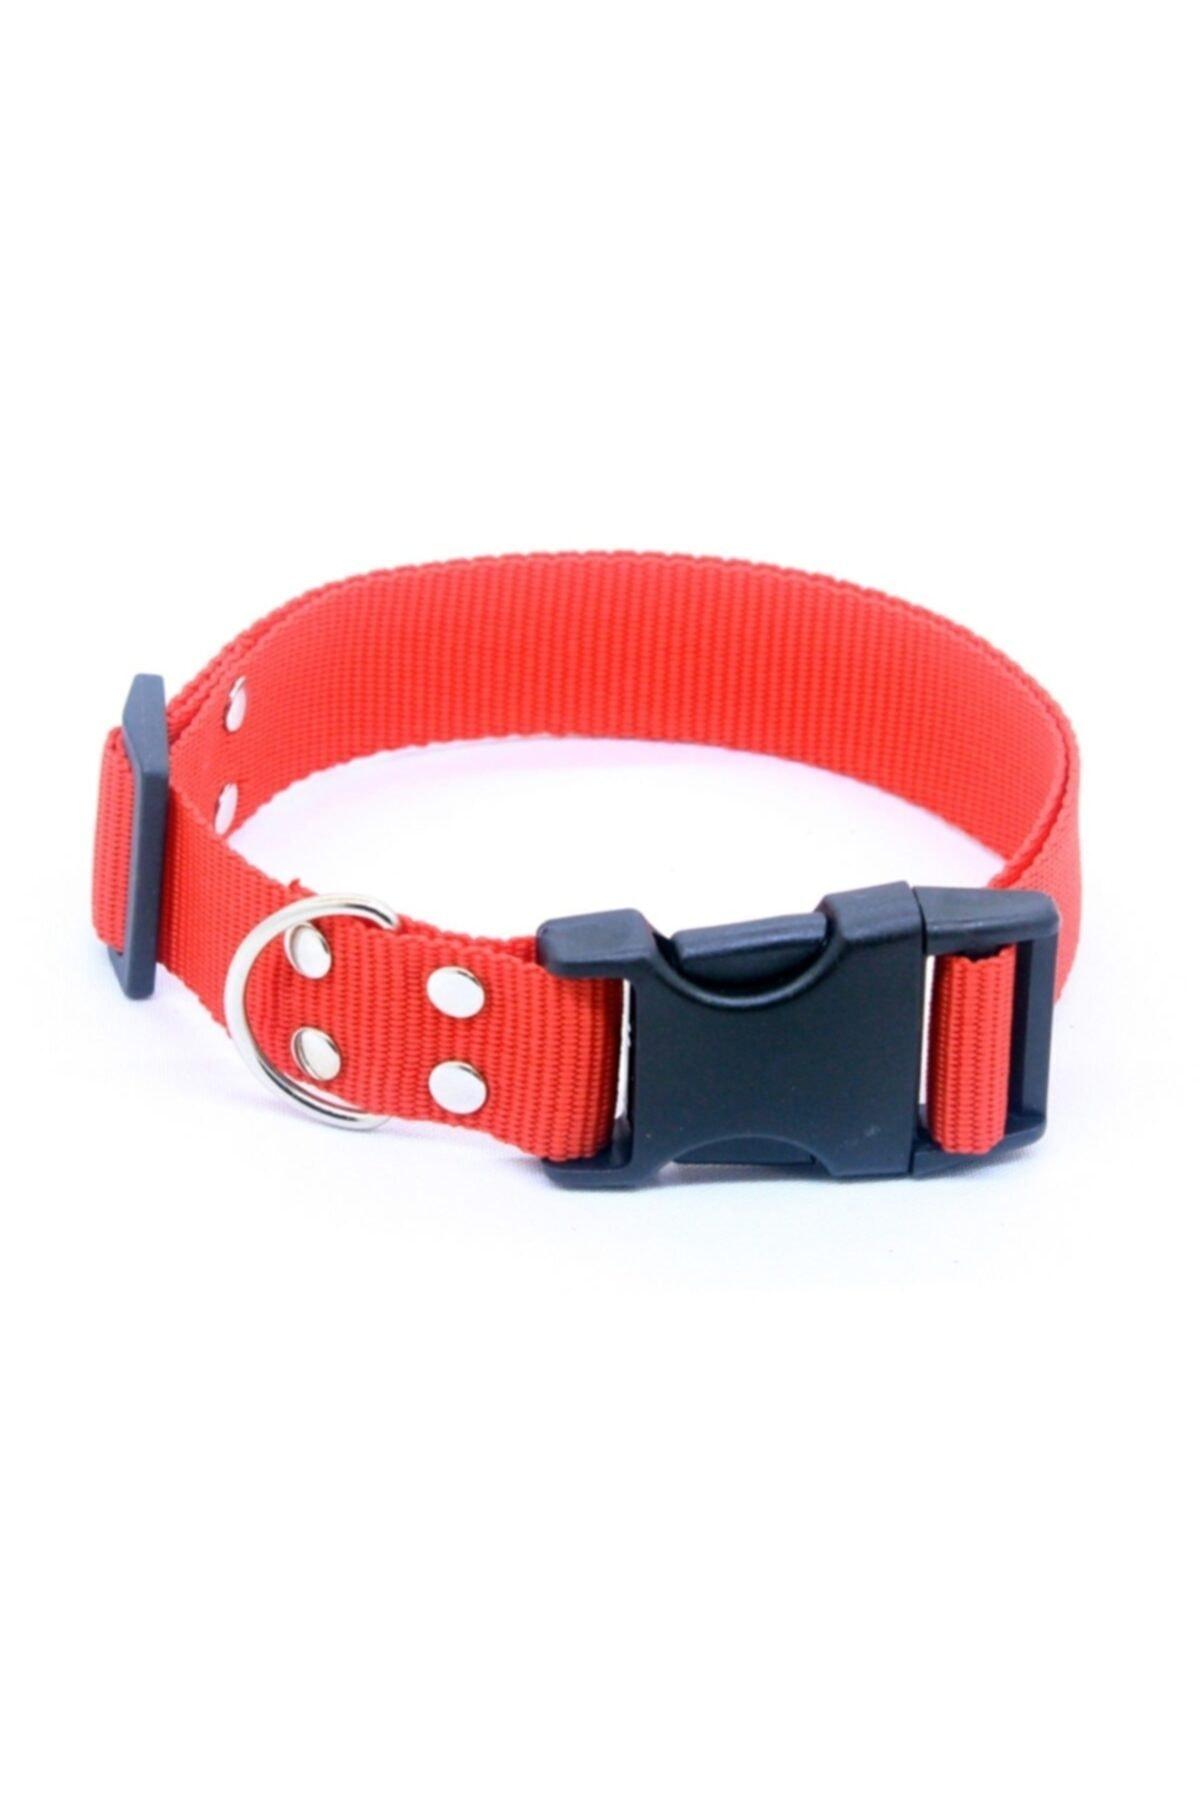 Köpek Boyun Tasması Ayarlanabilir 32-52 Cm Kırmızı